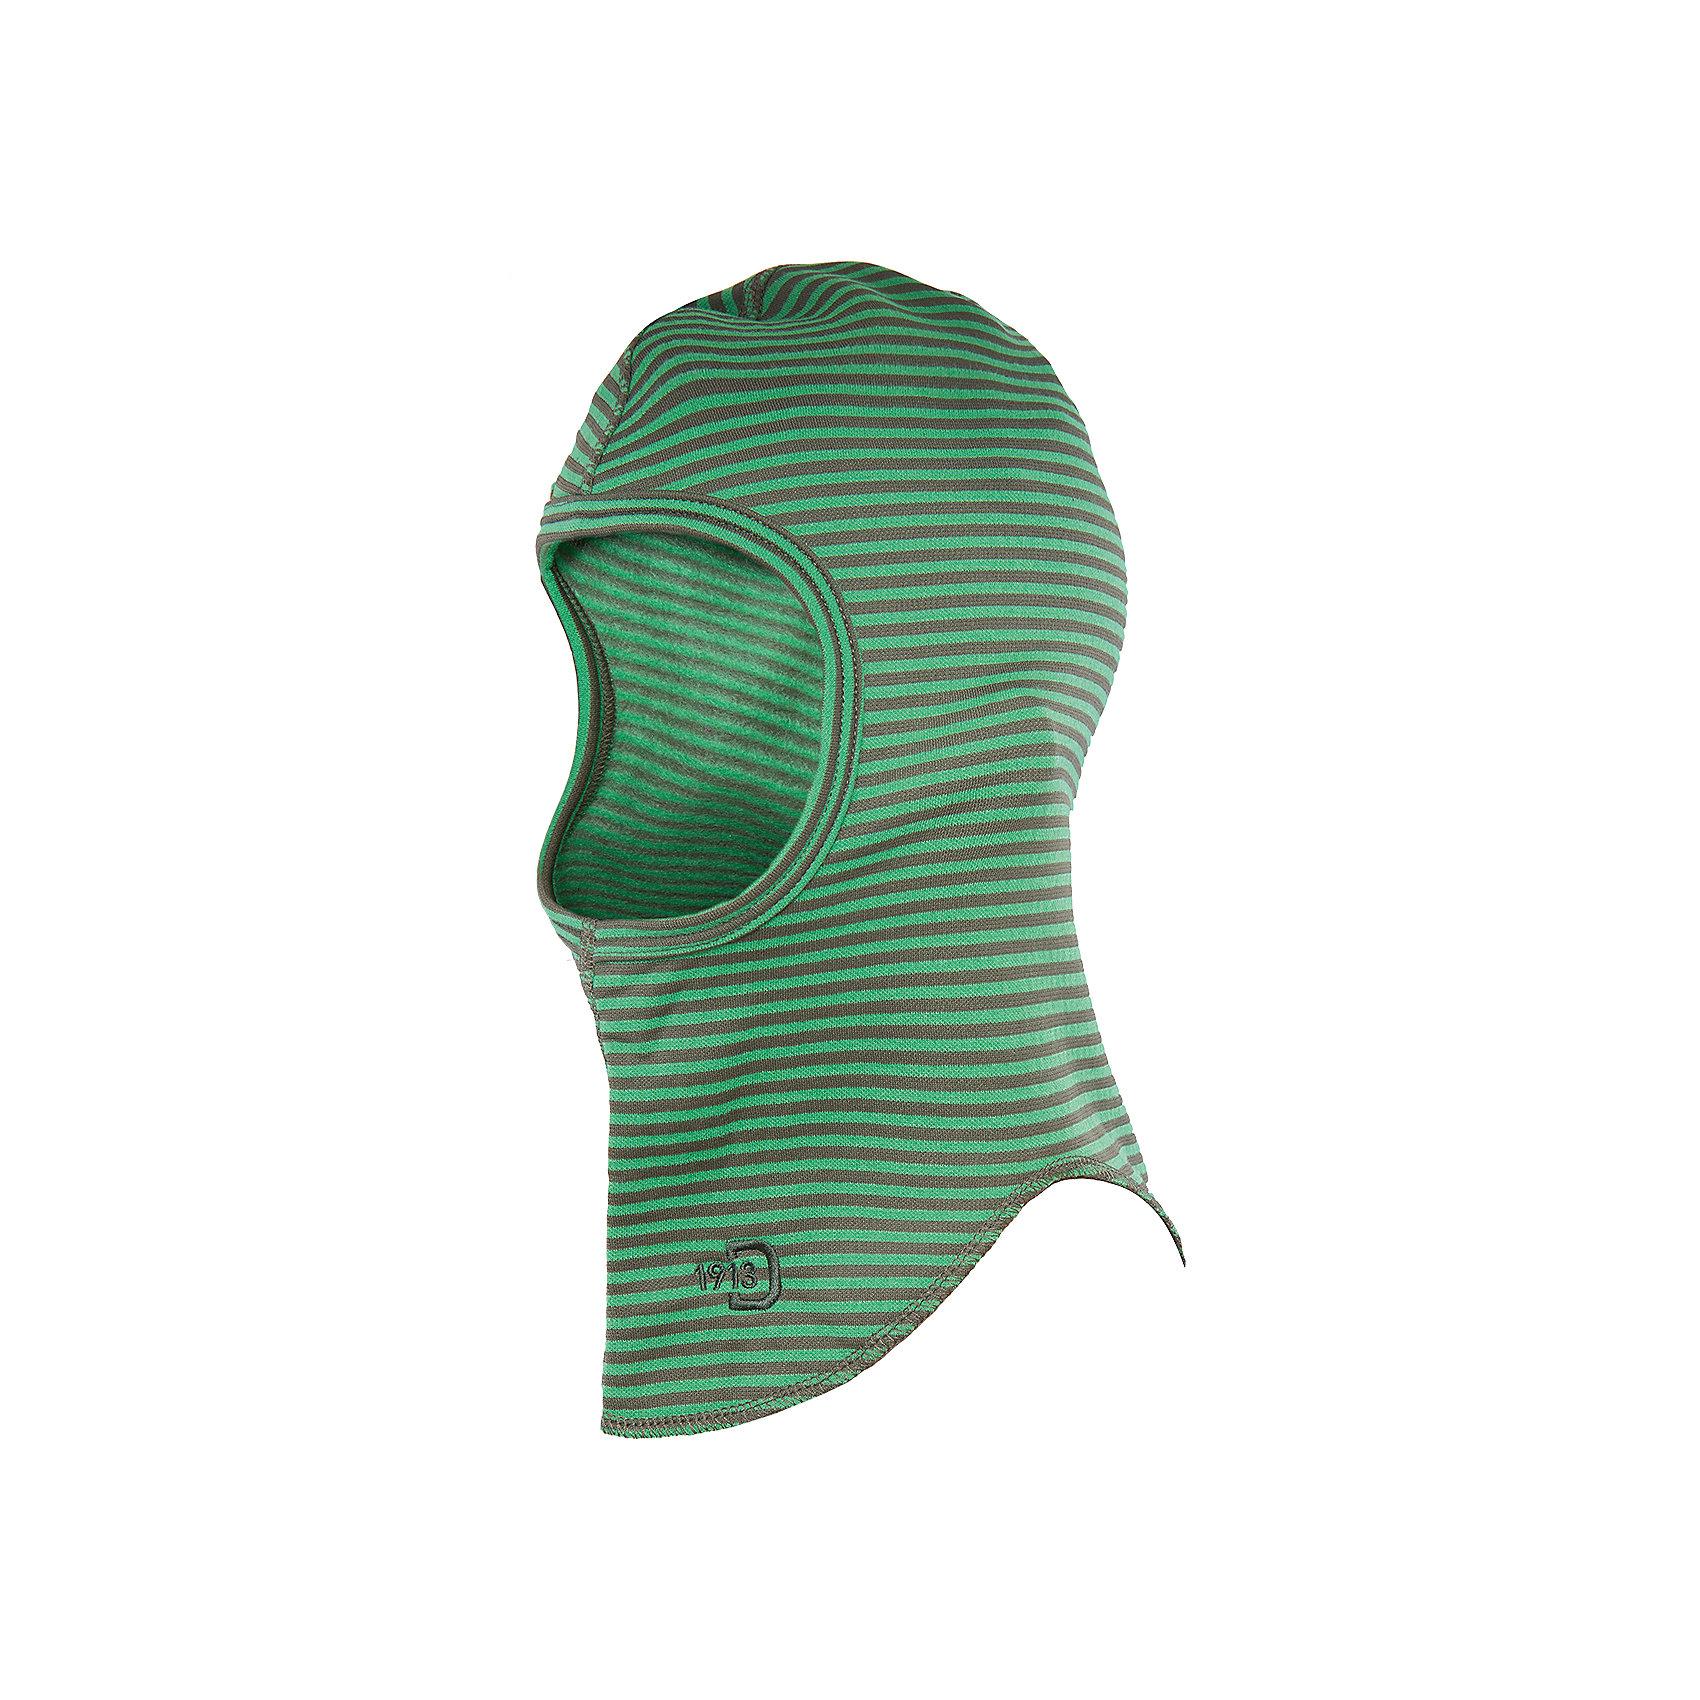 Шапка-шлем Kids Fleece Balaklava DIDRIKSONSГоловные уборы<br>Характеристики товара:<br><br>• цвет: зеленый<br>• материал: полиэстер 100%<br>• можно надевать под зимнюю шапку или спортивный шлем<br>• сезон: зима, демисезон<br>• эластичный материал<br>• страна бренда: Швеция<br>• страна производства: Китай<br><br>Такие шапки сейчас на пике молодежной моды! Это не только стильно, но еще и очень комфортно, а также тепло. Эта качественная шапка обеспечит ребенку удобство при прогулках и активном отдыхе зимой или в межсезонье. Такая модель от шведского производителя отлично смотрится с разной верхней одеждой.<br>Шапка сшита из эластичного материала, который обеспечит комфортную и красивую посадку. Очень стильная и удобная модель! Изделие качественно выполнено, сделано из безопасных для детей материалов. <br><br>Шапку от бренда DIDRIKSONS можно купить в нашем интернет-магазине.<br><br>Ширина мм: 89<br>Глубина мм: 117<br>Высота мм: 44<br>Вес г: 155<br>Цвет: зеленый<br>Возраст от месяцев: 12<br>Возраст до месяцев: 144<br>Пол: Мужской<br>Возраст: Детский<br>Размер: one size<br>SKU: 5044029